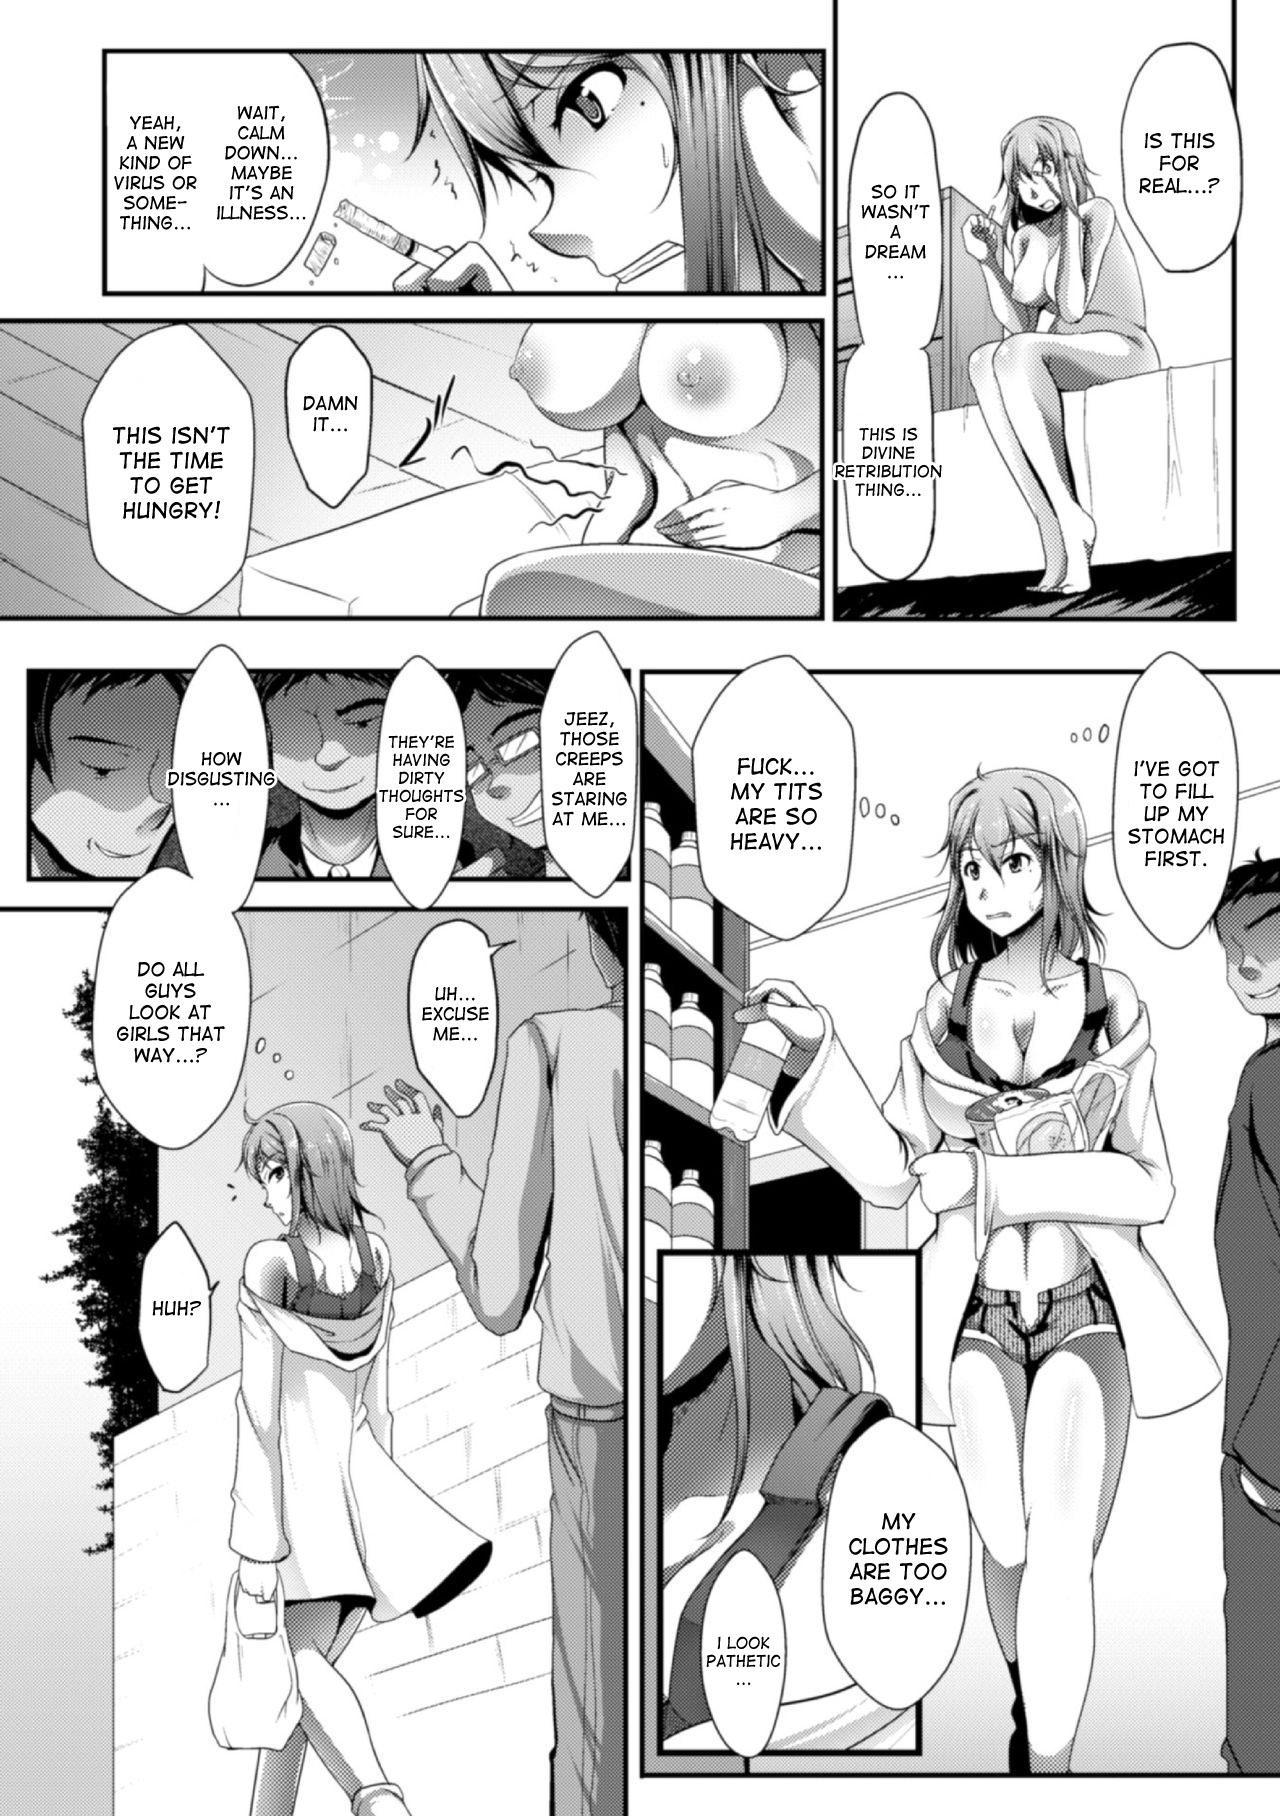 Shinbatsu Chokugeki! Kawaii Ko ni Sarete Yogarasareru Ore   Divine Punishment! I was turned into a cute girl who gets raped! 3